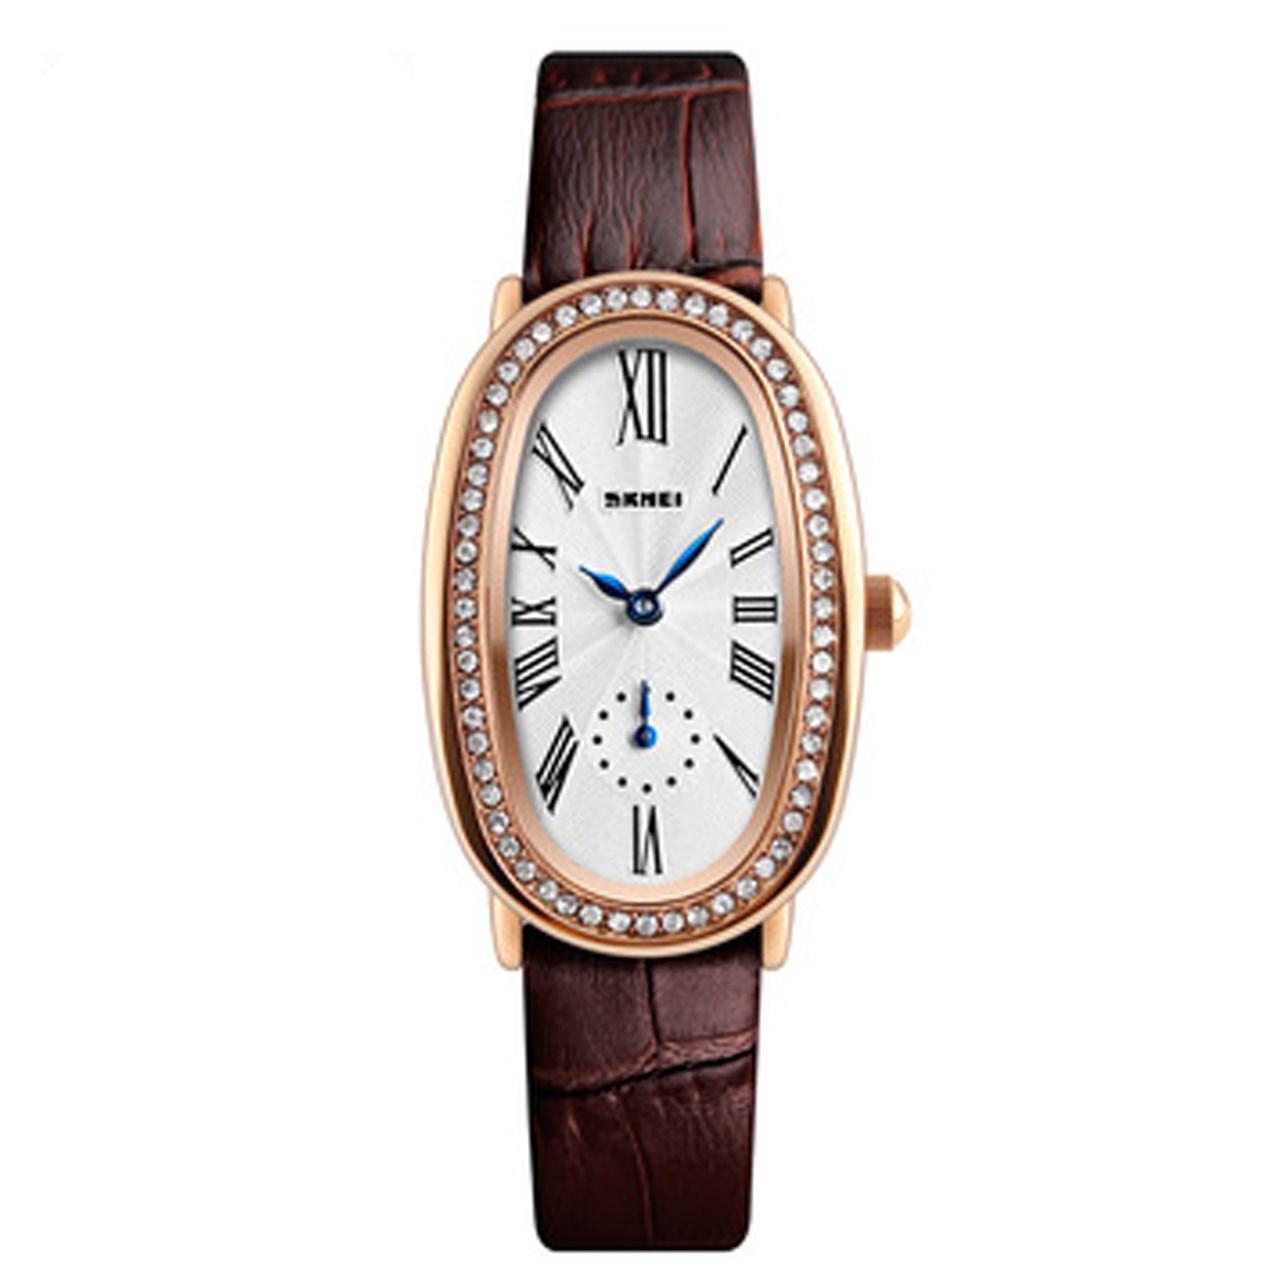 ساعت مچی عقربه ای زنانه اسکمی مدل1292 کد 02